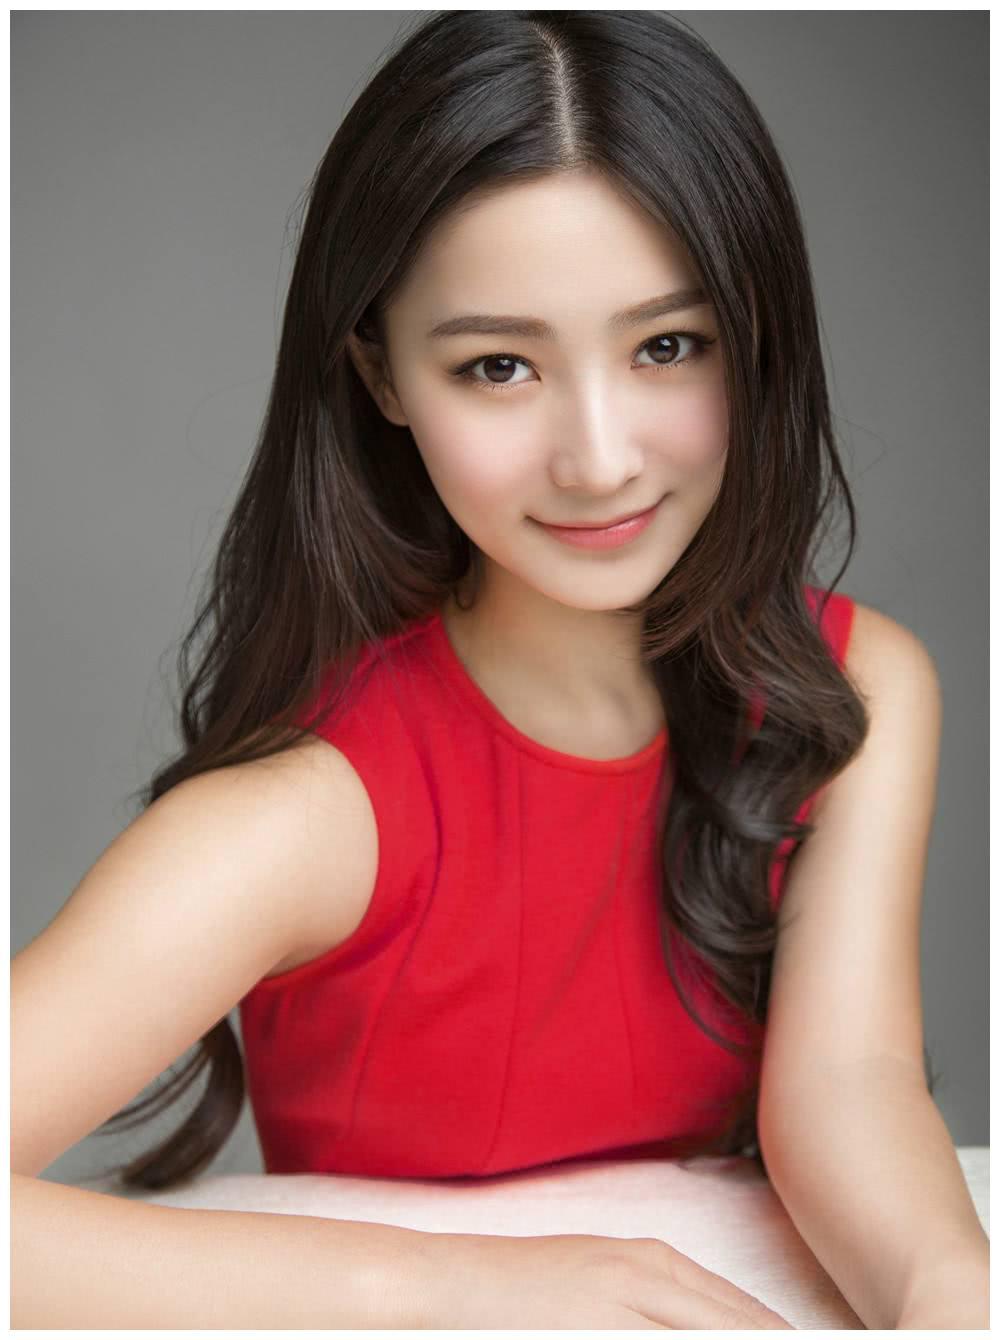 张维娜一直都是以比较悲情和柔弱的形象,出现在电视剧里